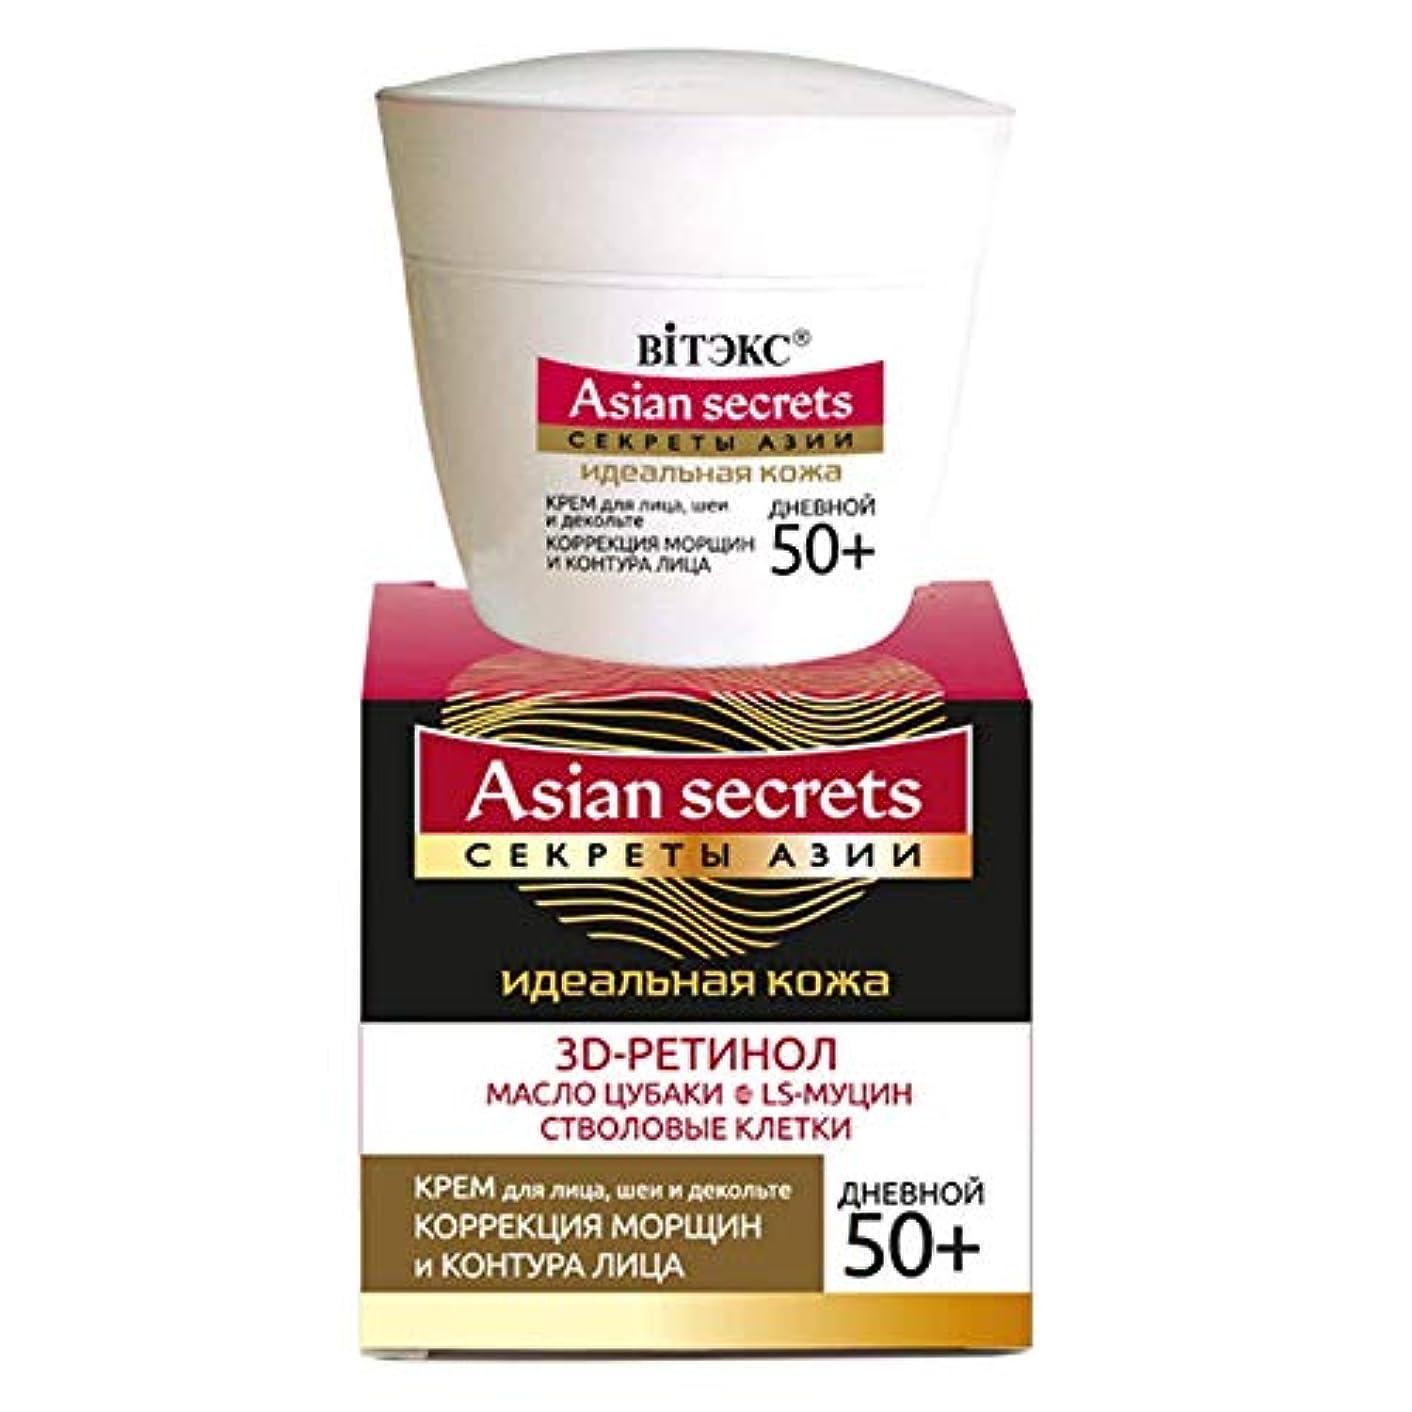 外科医希少性ほこりっぽいBielita & Vitex   Asian seсrets   Day cream for face, neck and neckline   Wrinkle and facial contour correction...